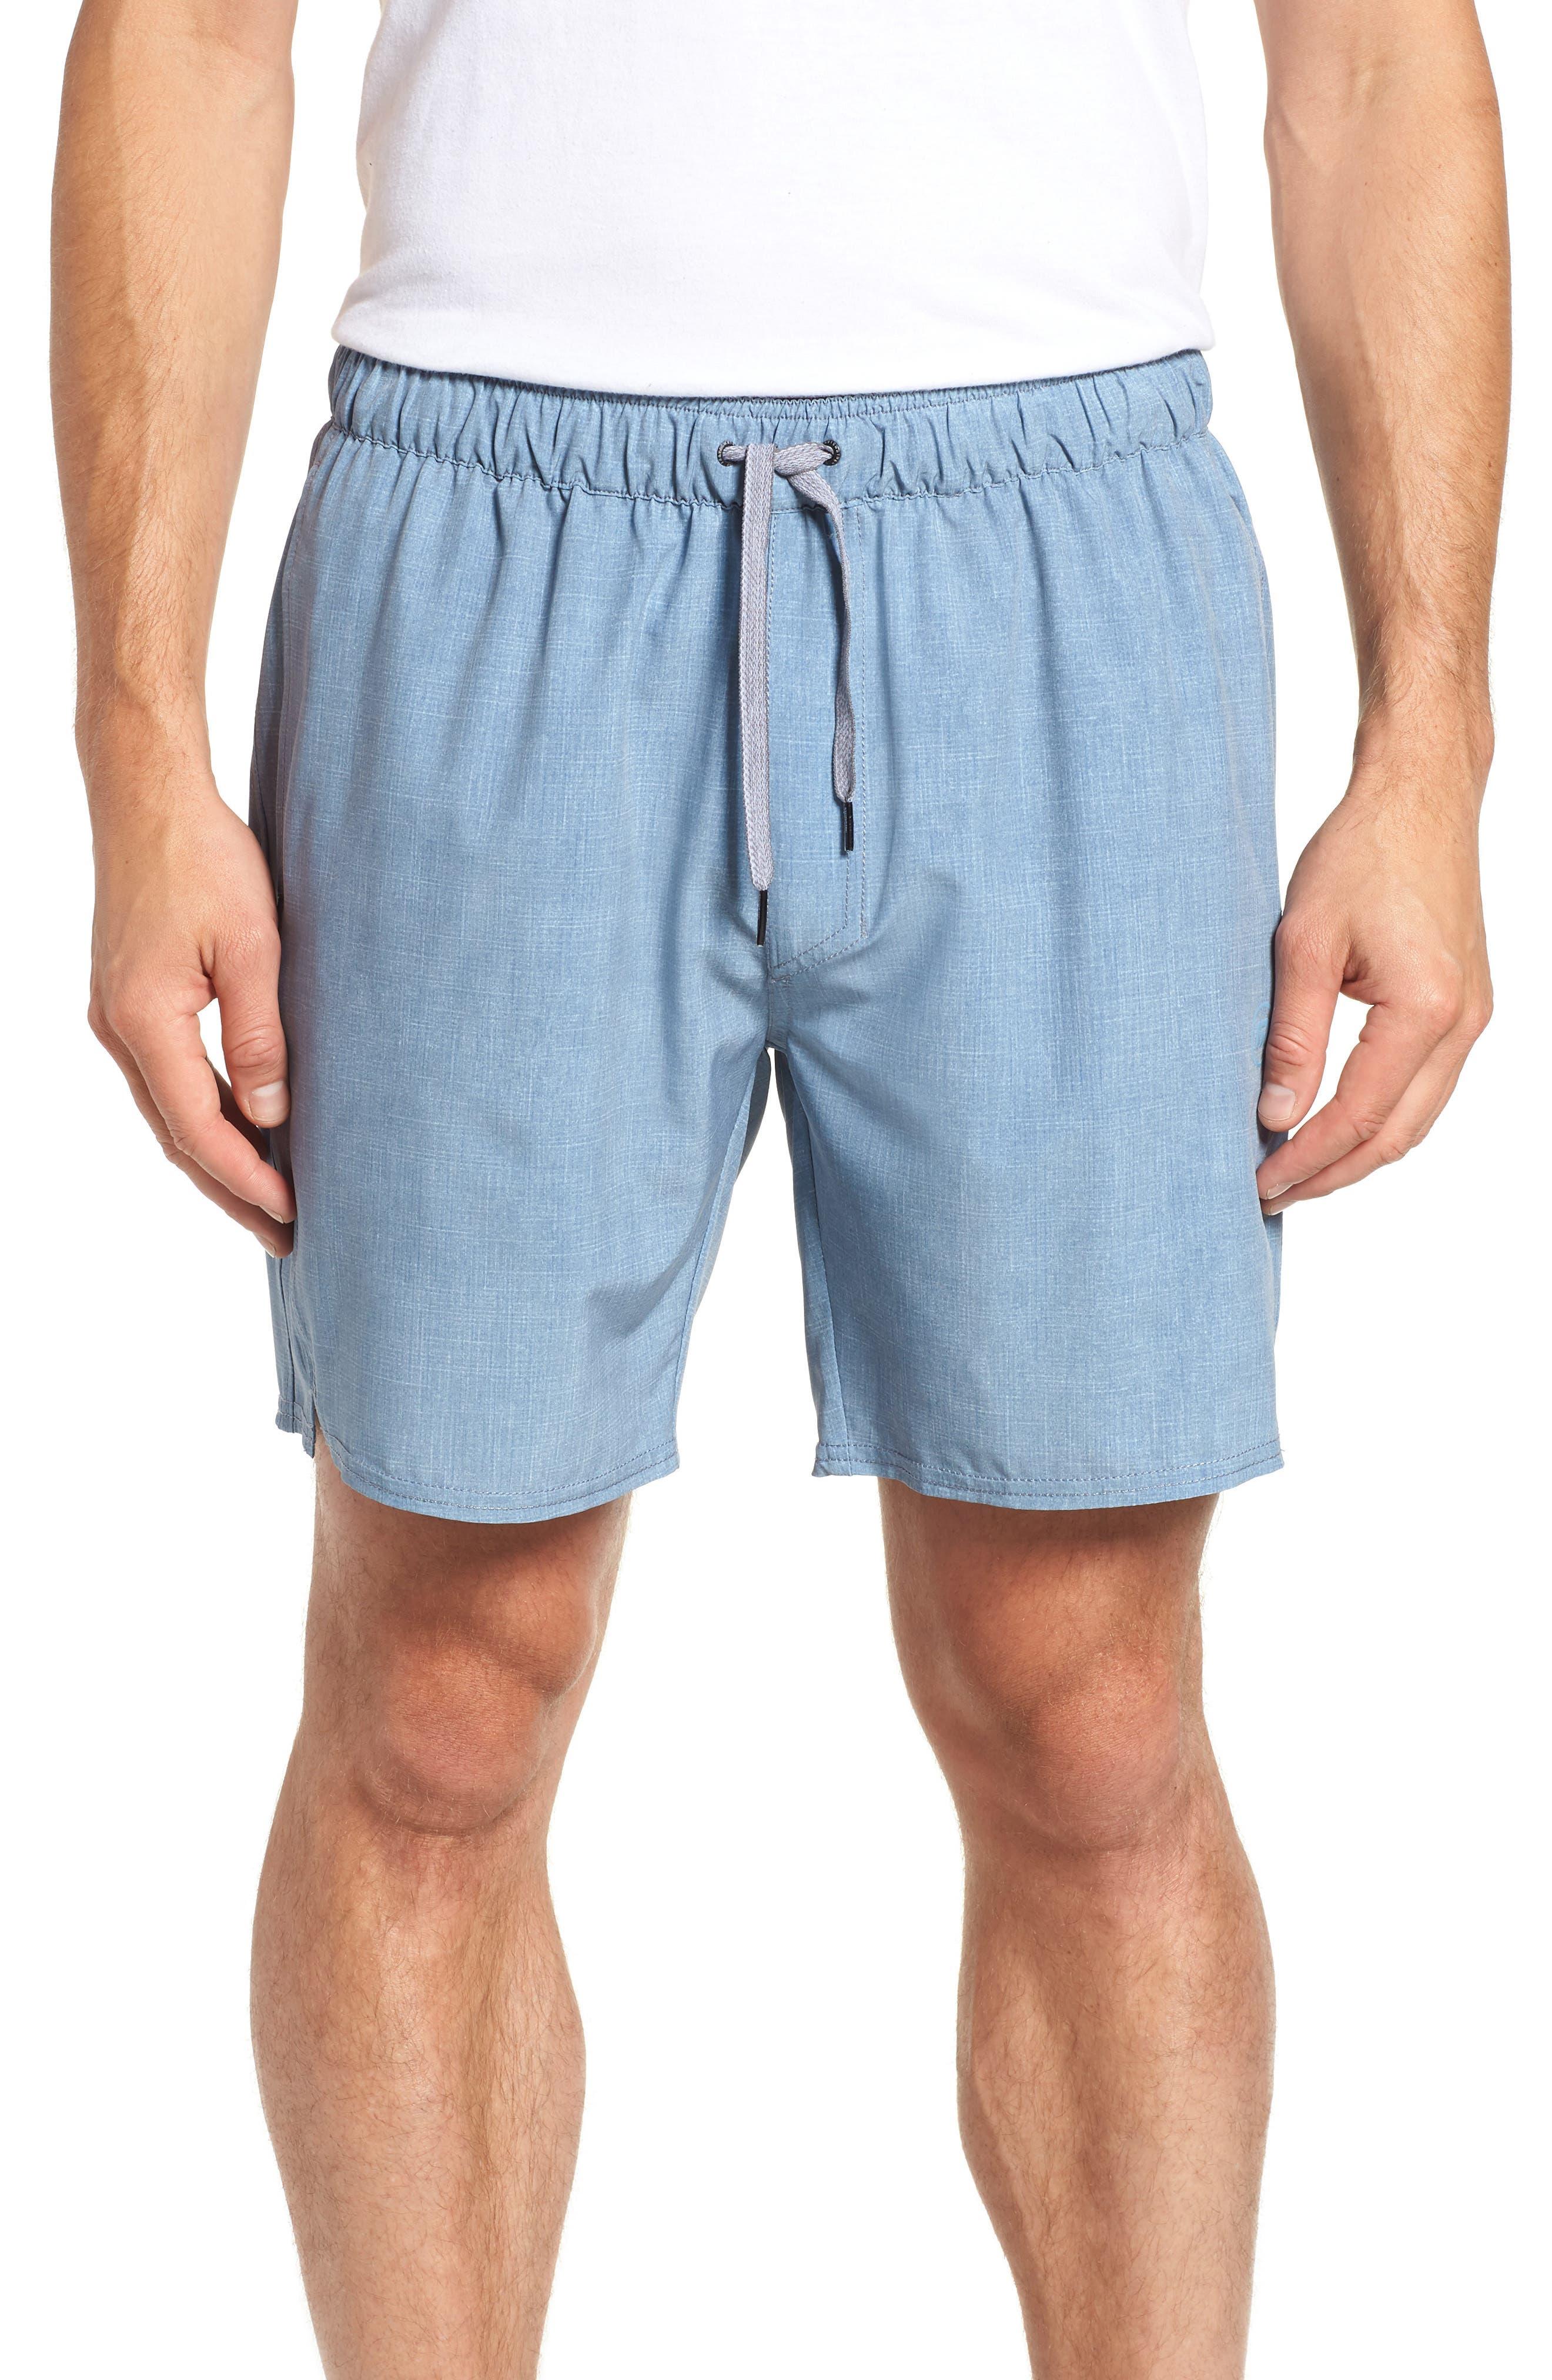 Digits Shorts,                         Main,                         color, 020